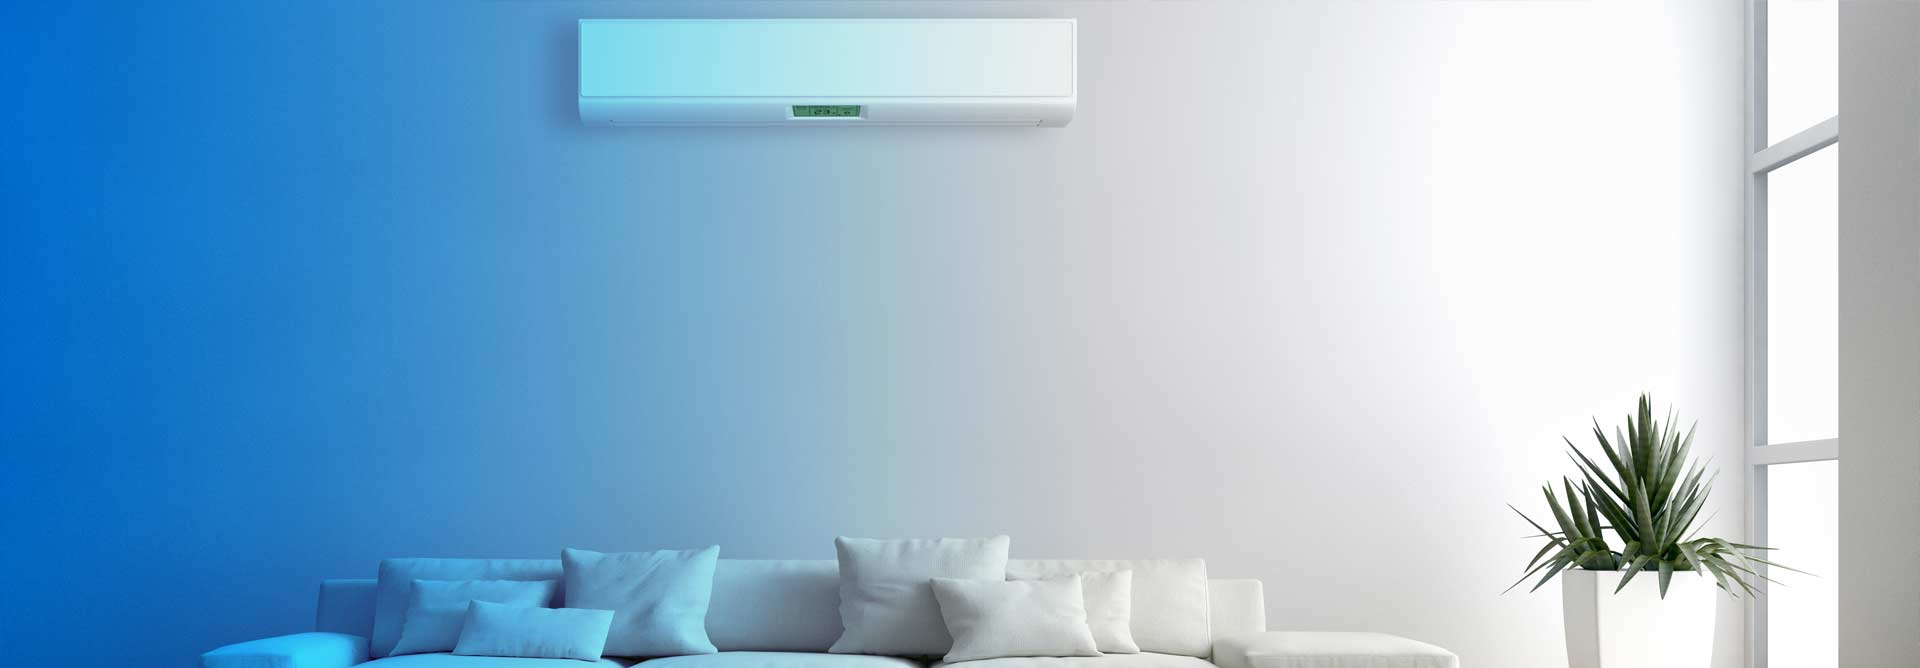 climatisation à votre service aux environs de Montpellier